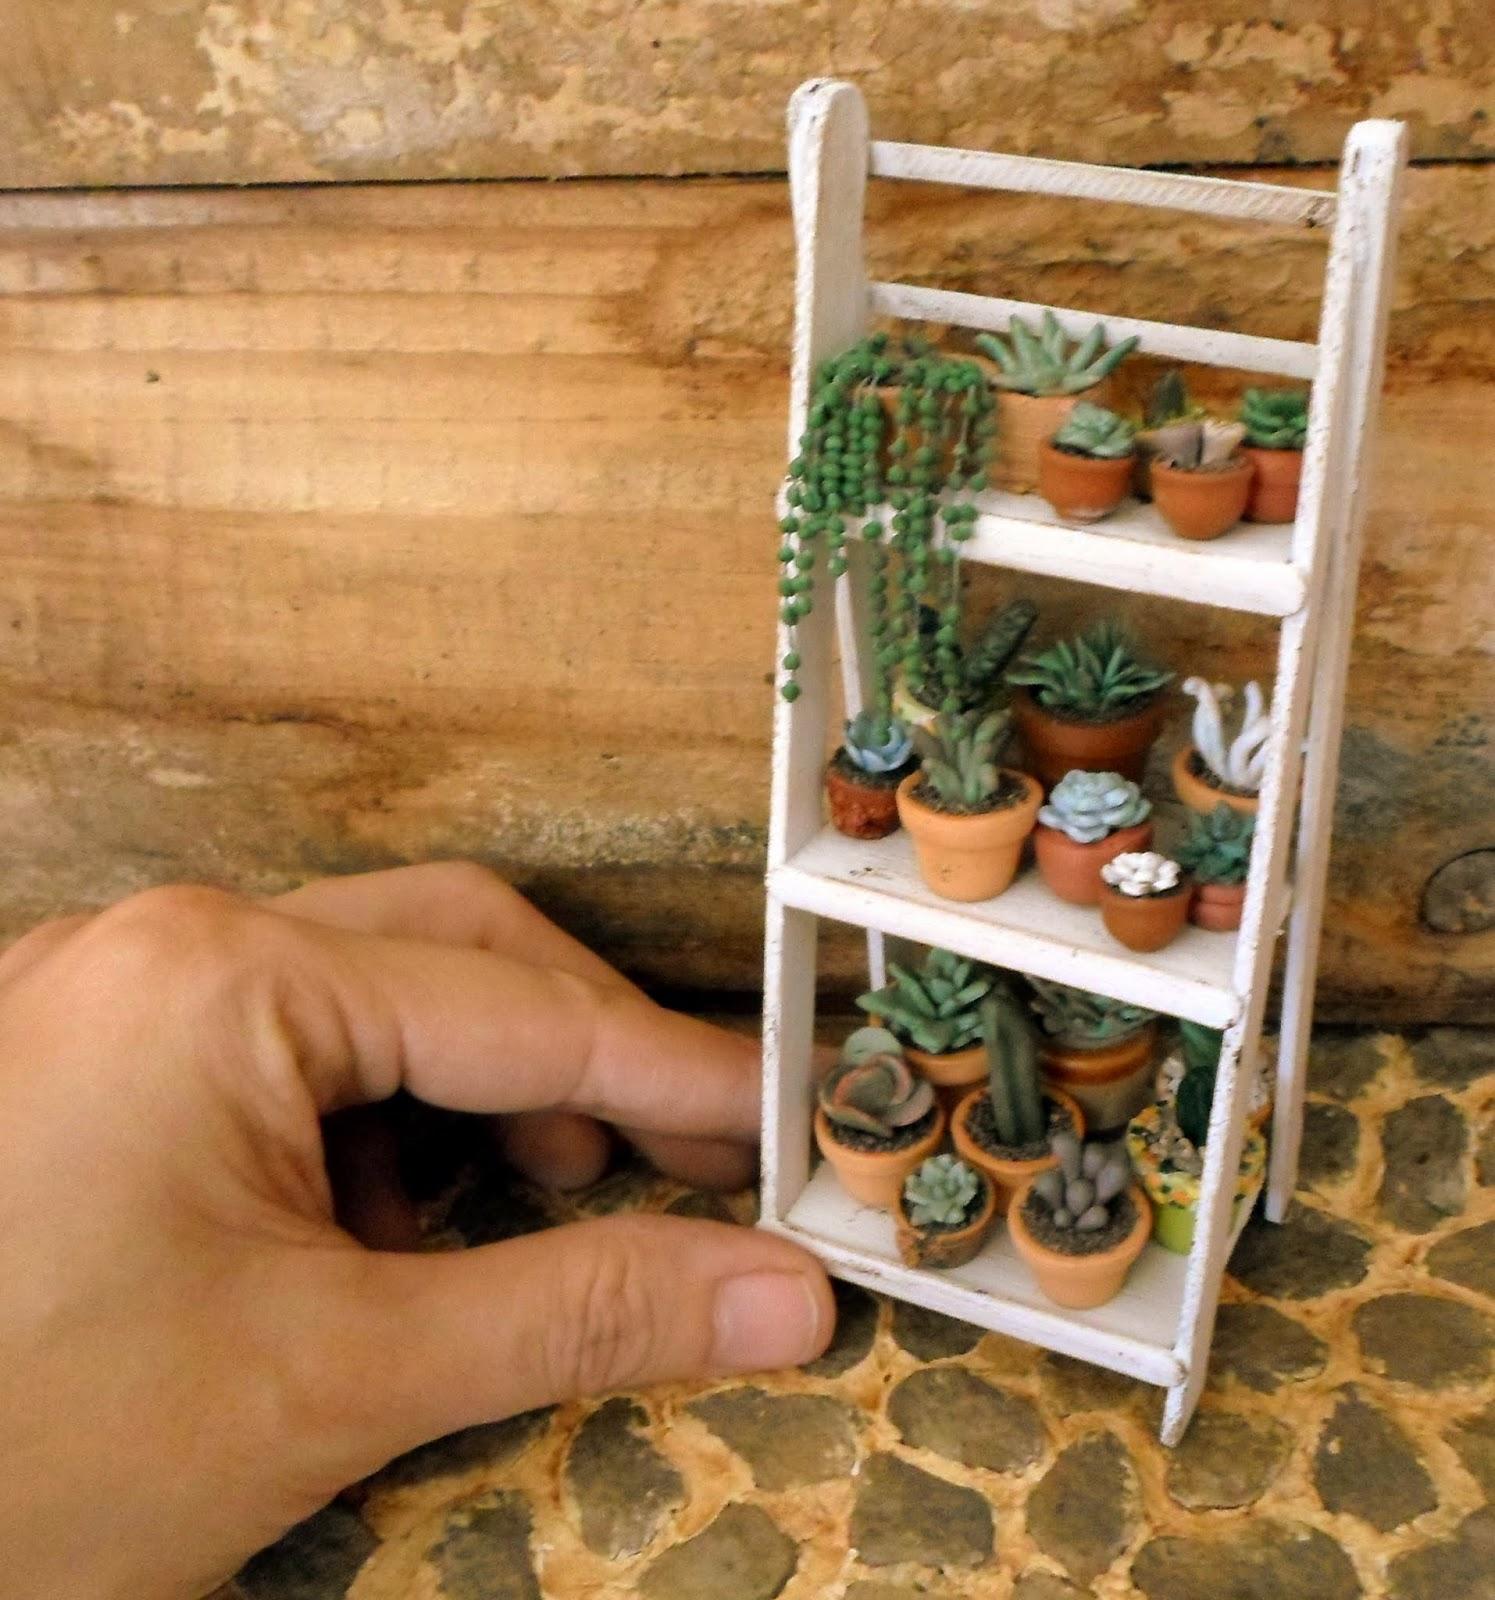 Las margaritas escalera estante de madera para mis for Escalera de jardin de madera